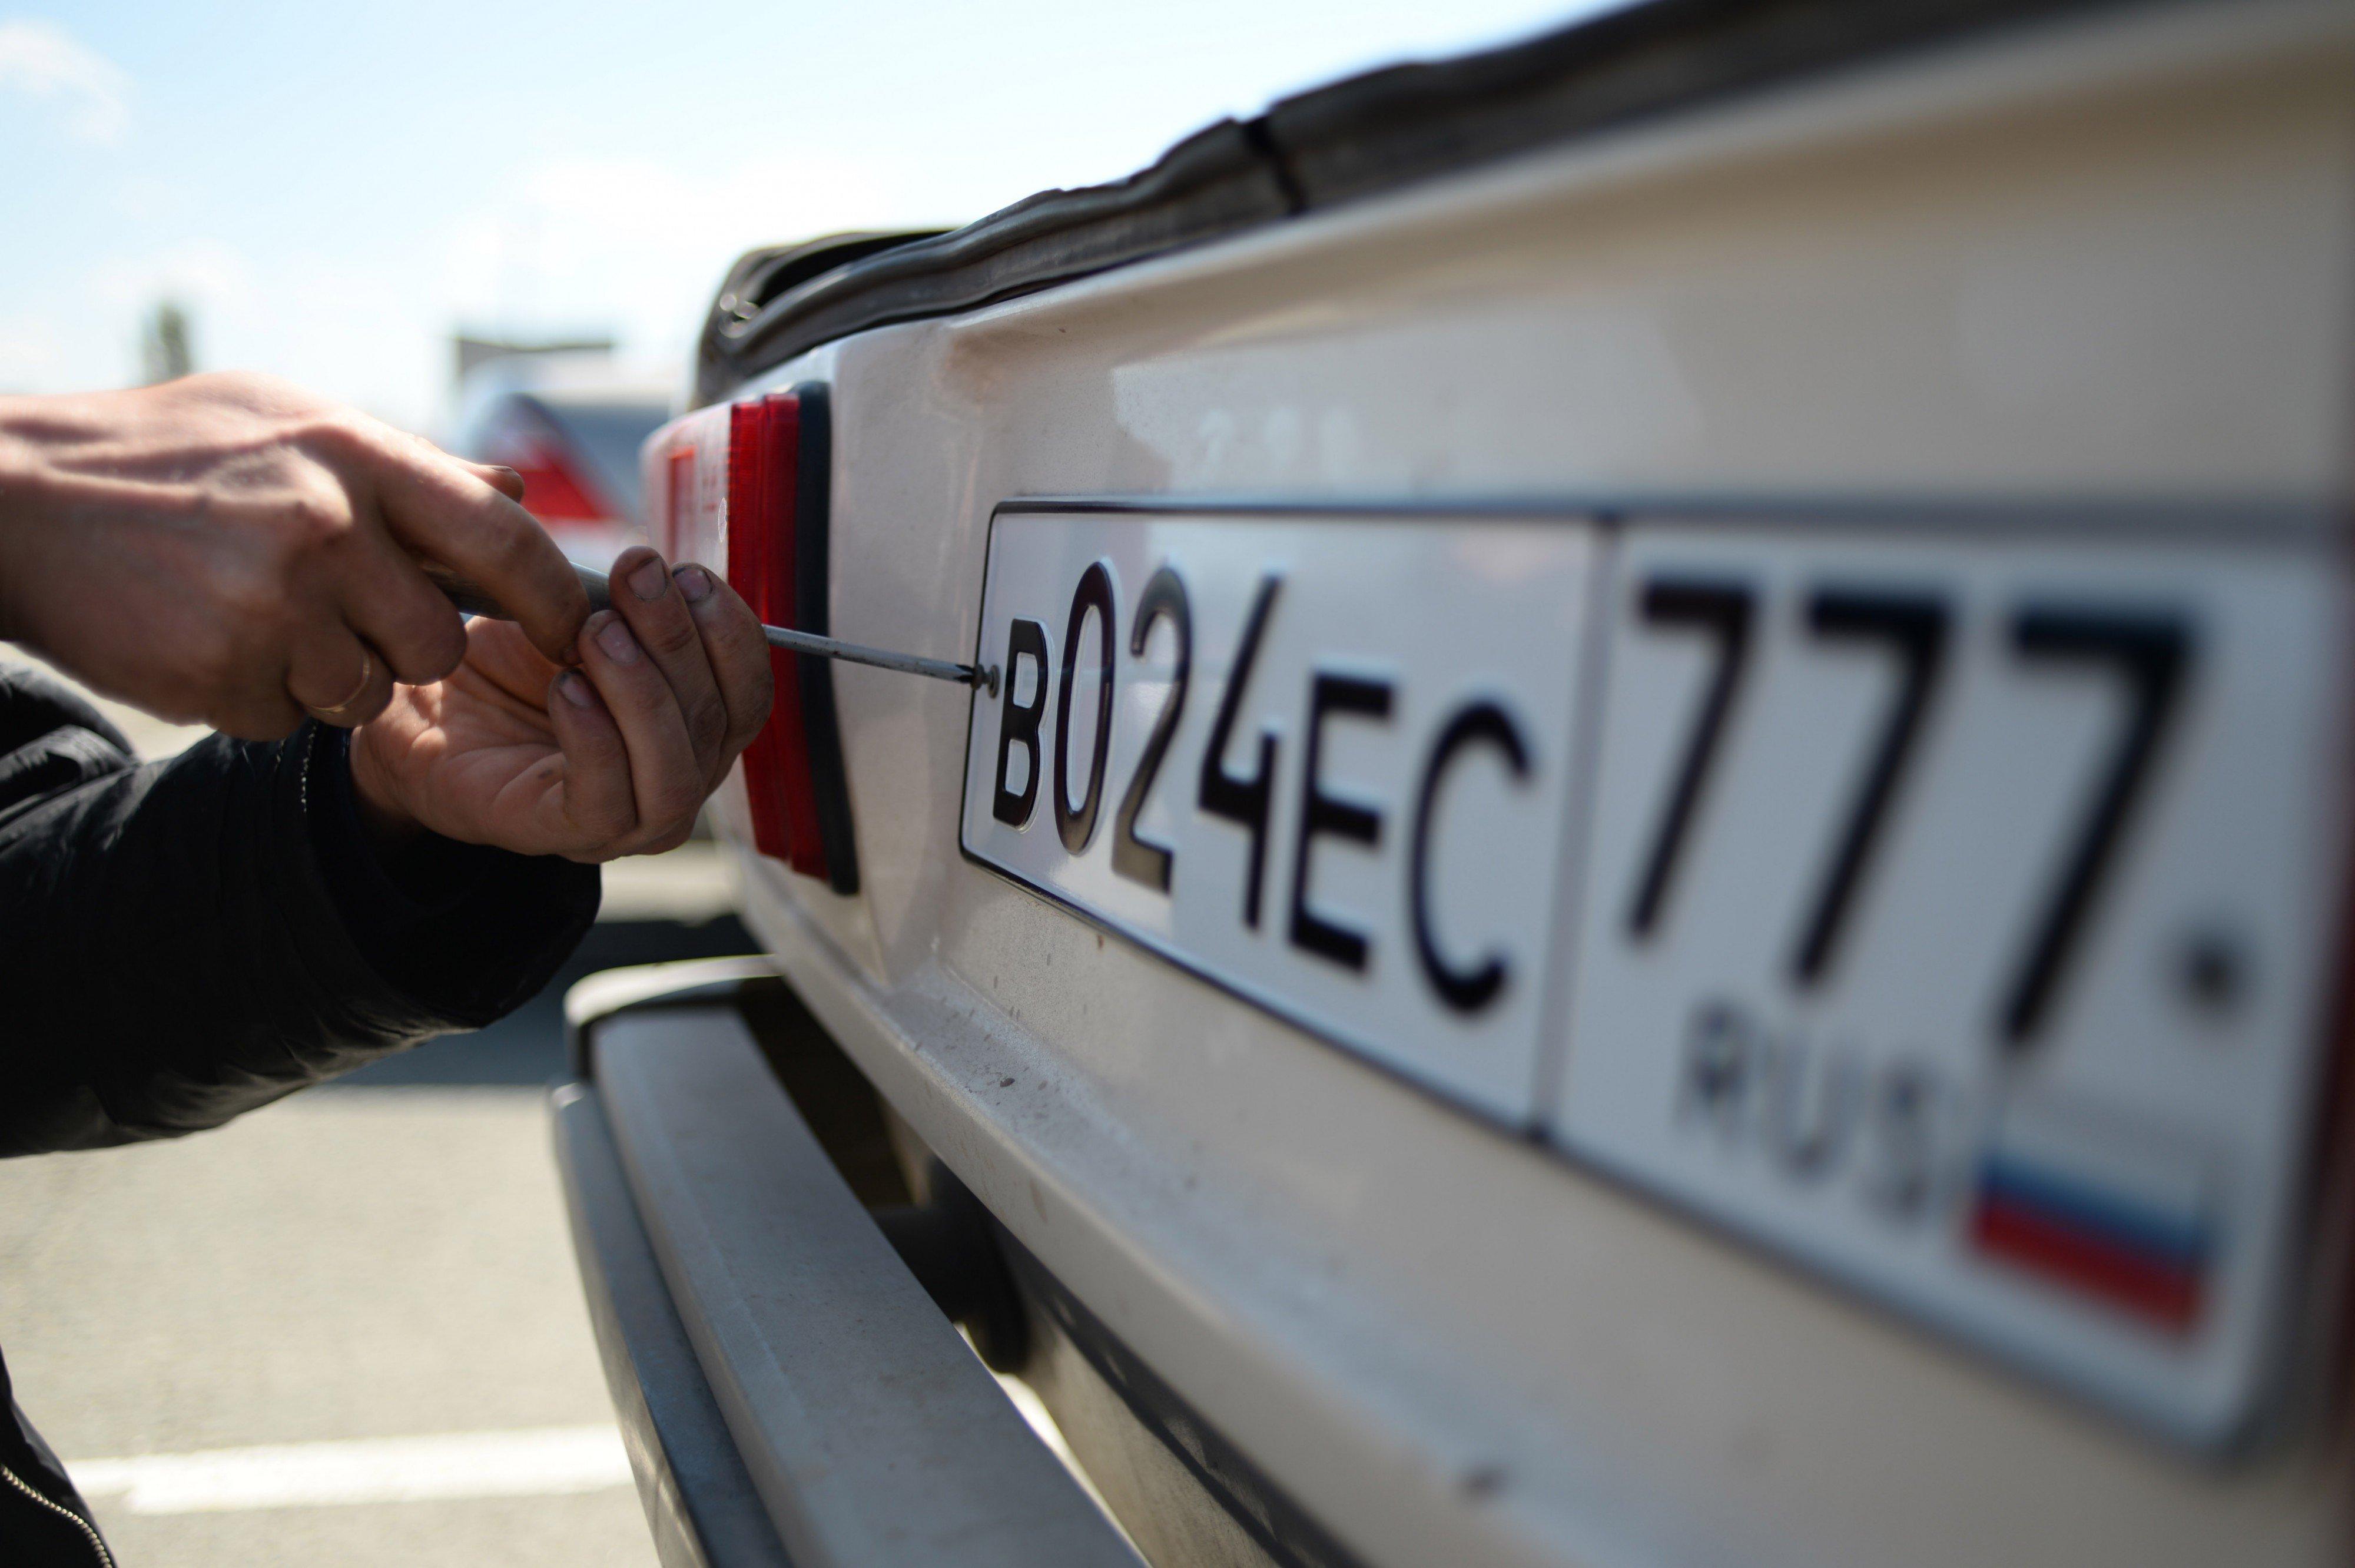 ВМВД поведали опорядке выдачи новых автомобильных номеров